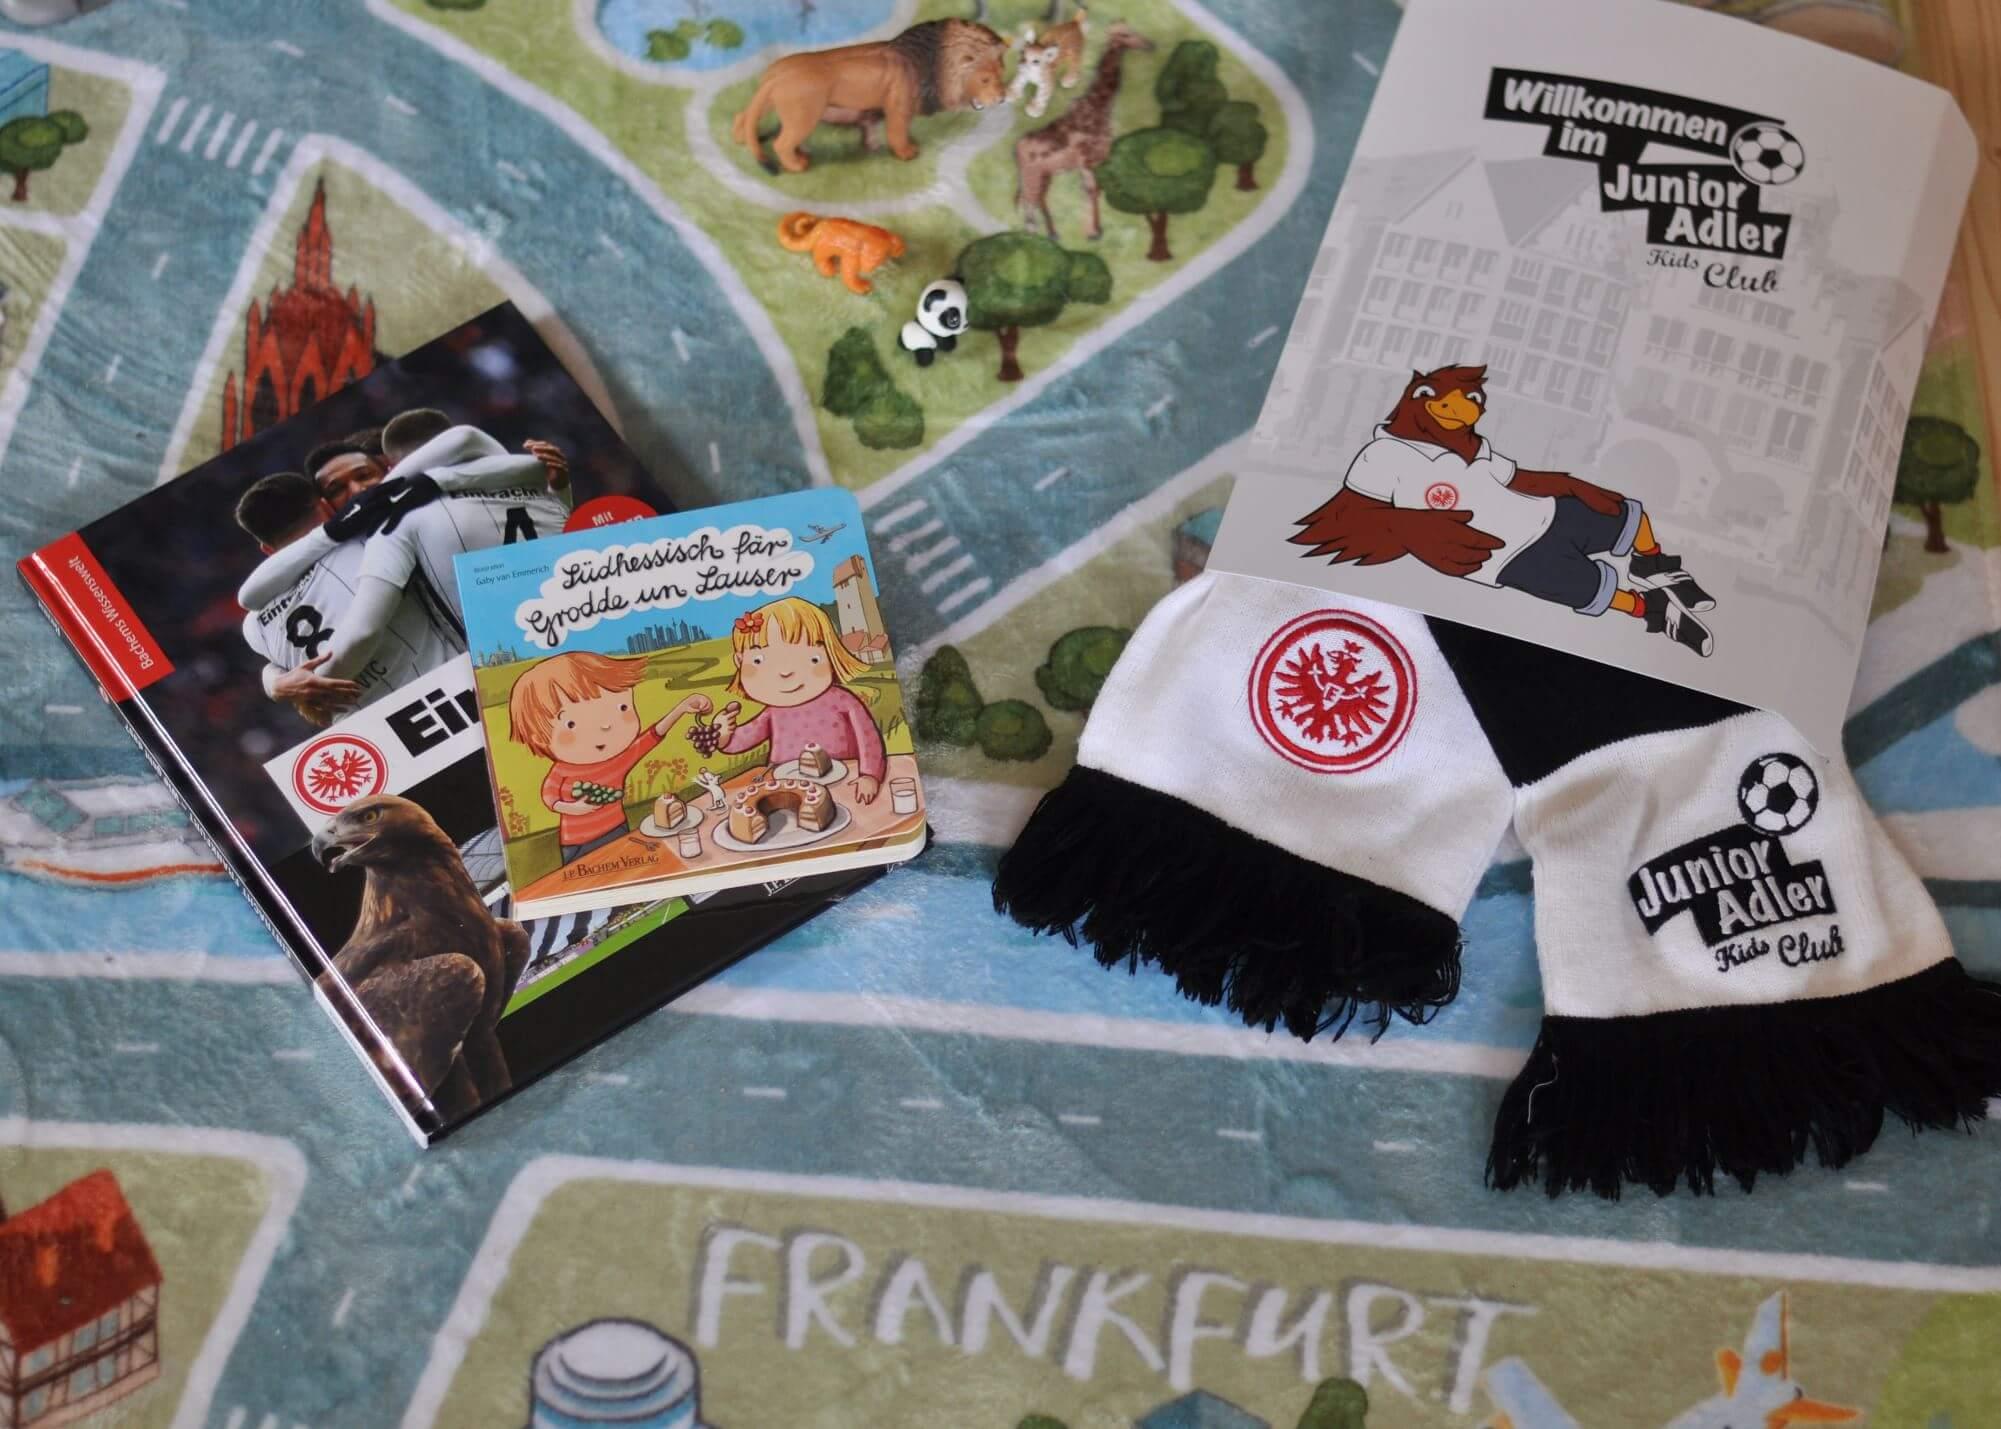 5 Geschenkideen für echte Frankfurter Jungs und Mädchen #Geburt #Weihnachten #Geschenk #Frankfurt #Idee #Tipp #Hessen #Kinderbuch #Eintracht